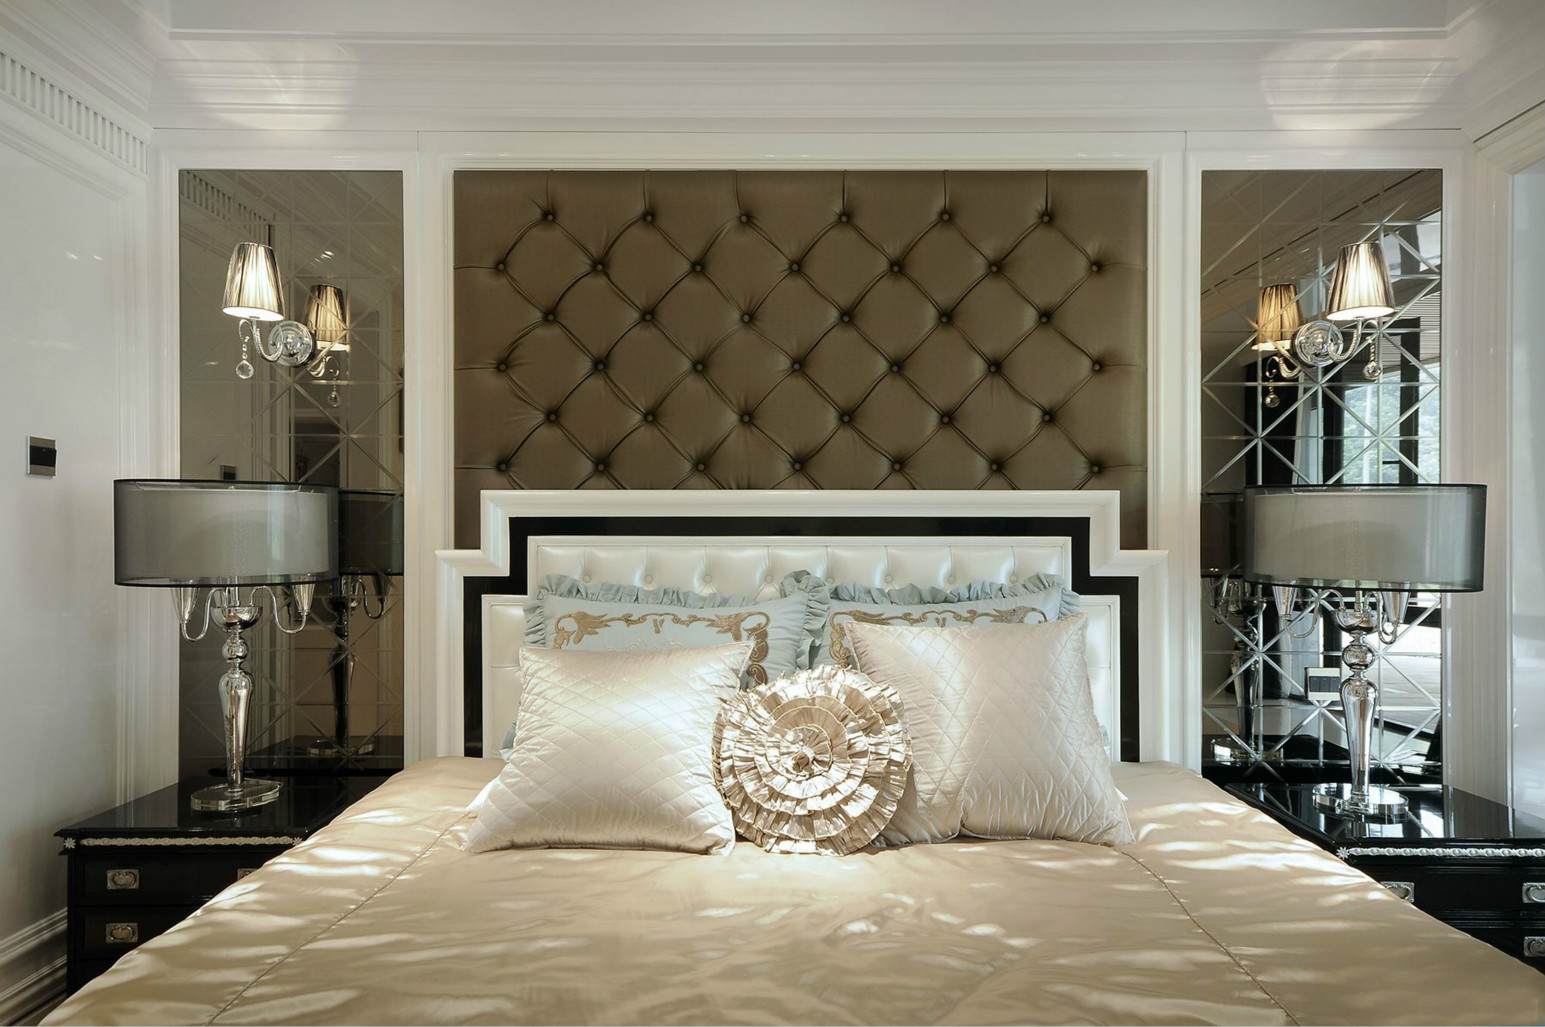 卧室中放置着软包大床,整个简洁自然,俩边吊灯华丽别致